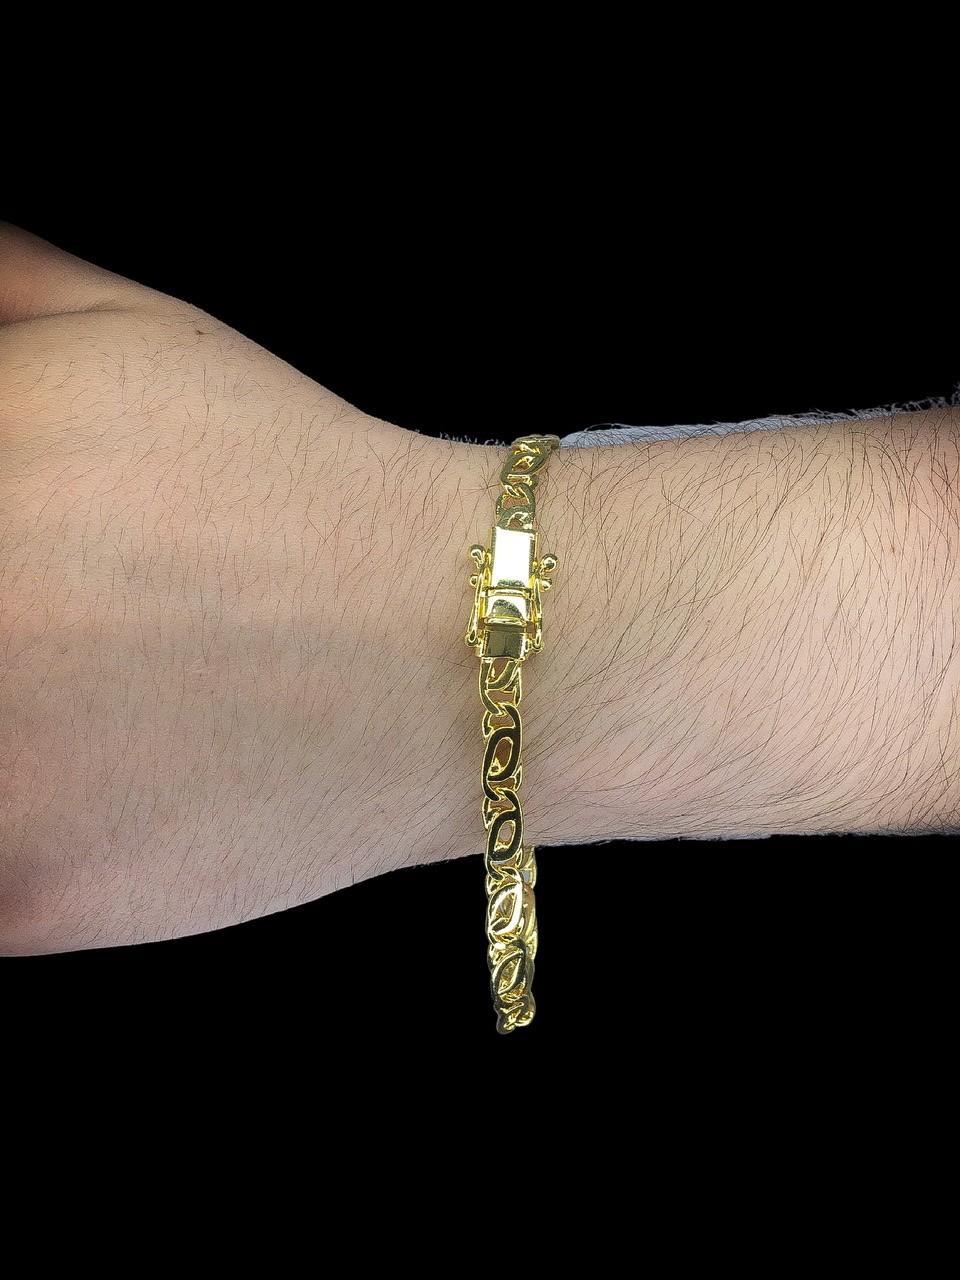 Pulseira elo oitinho -  6 milímetros - 22 Centímetros - fecho gaveta trava dupla - Banhado a ouro 18 k